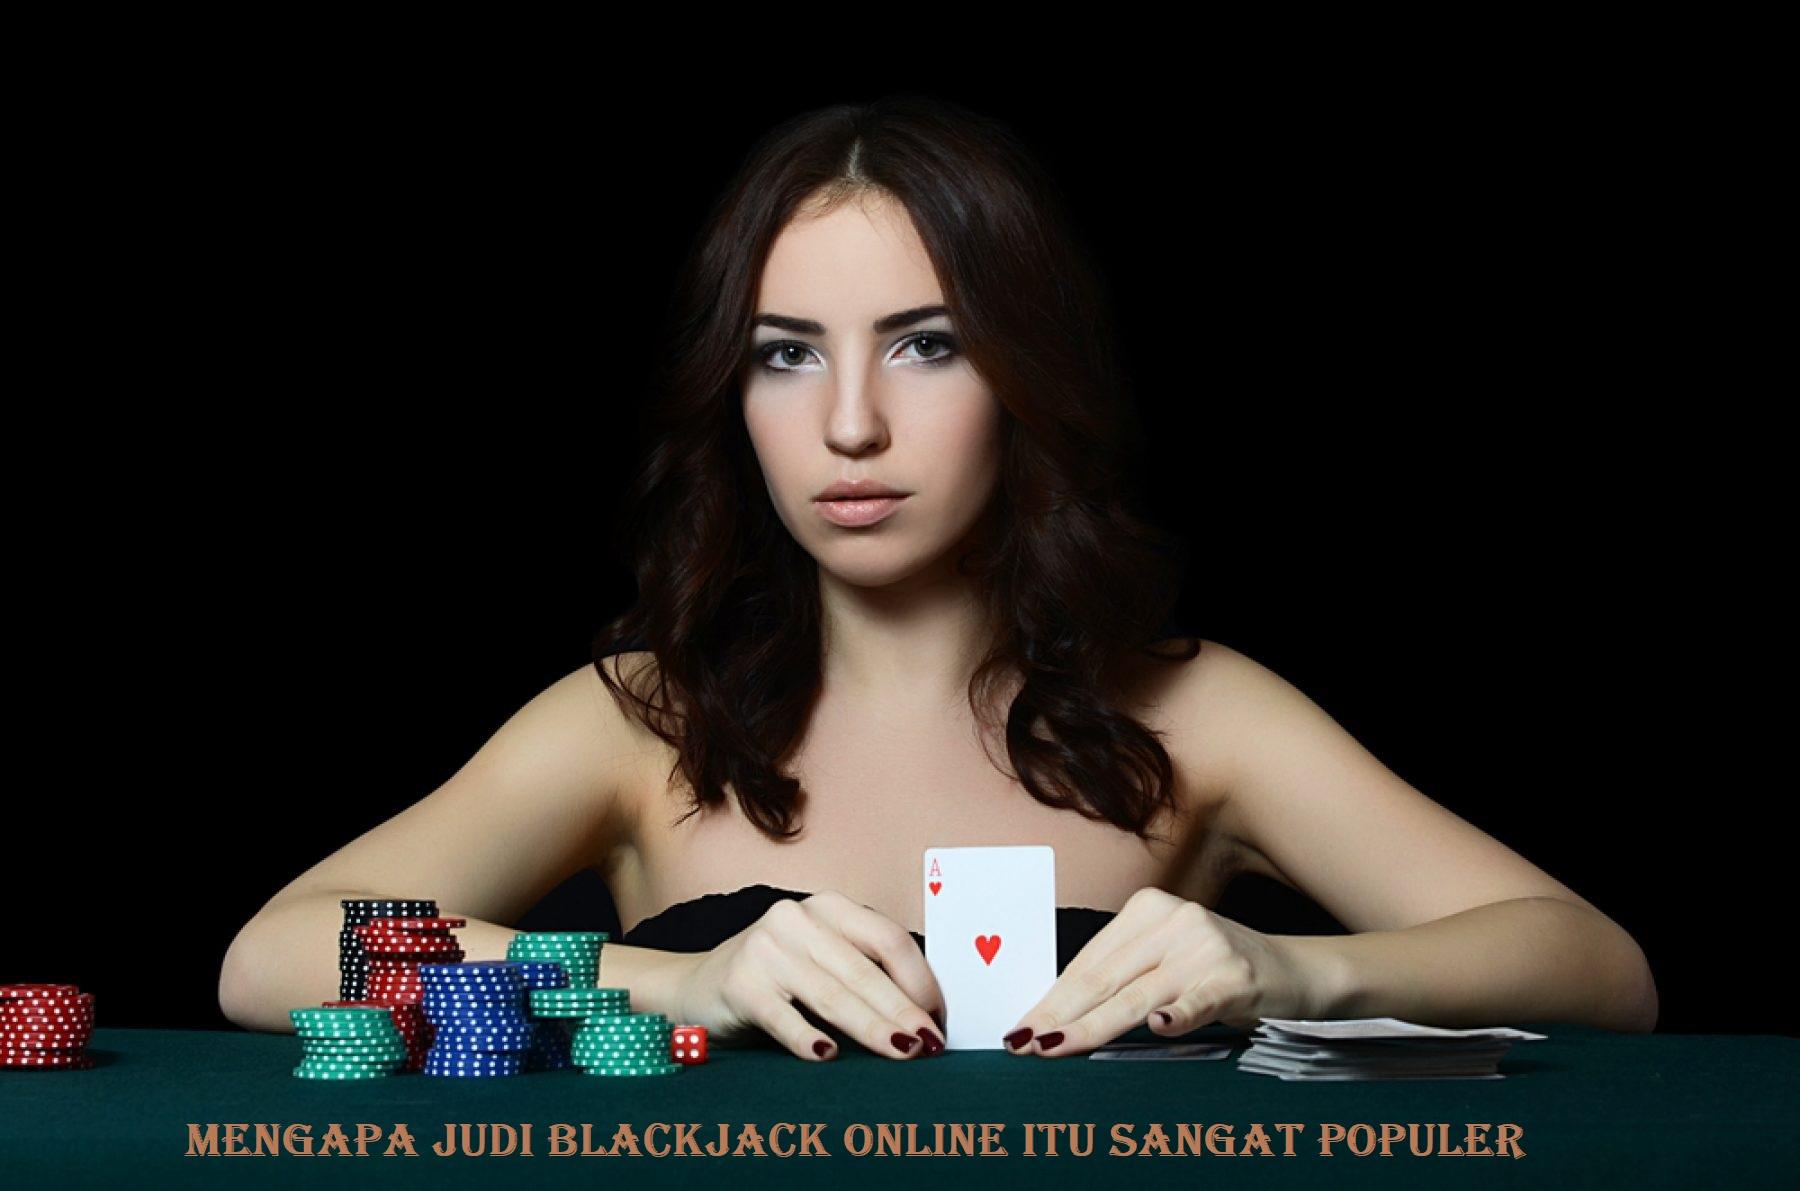 Mengapa Judi Blackjack Online Itu Sangat Populer